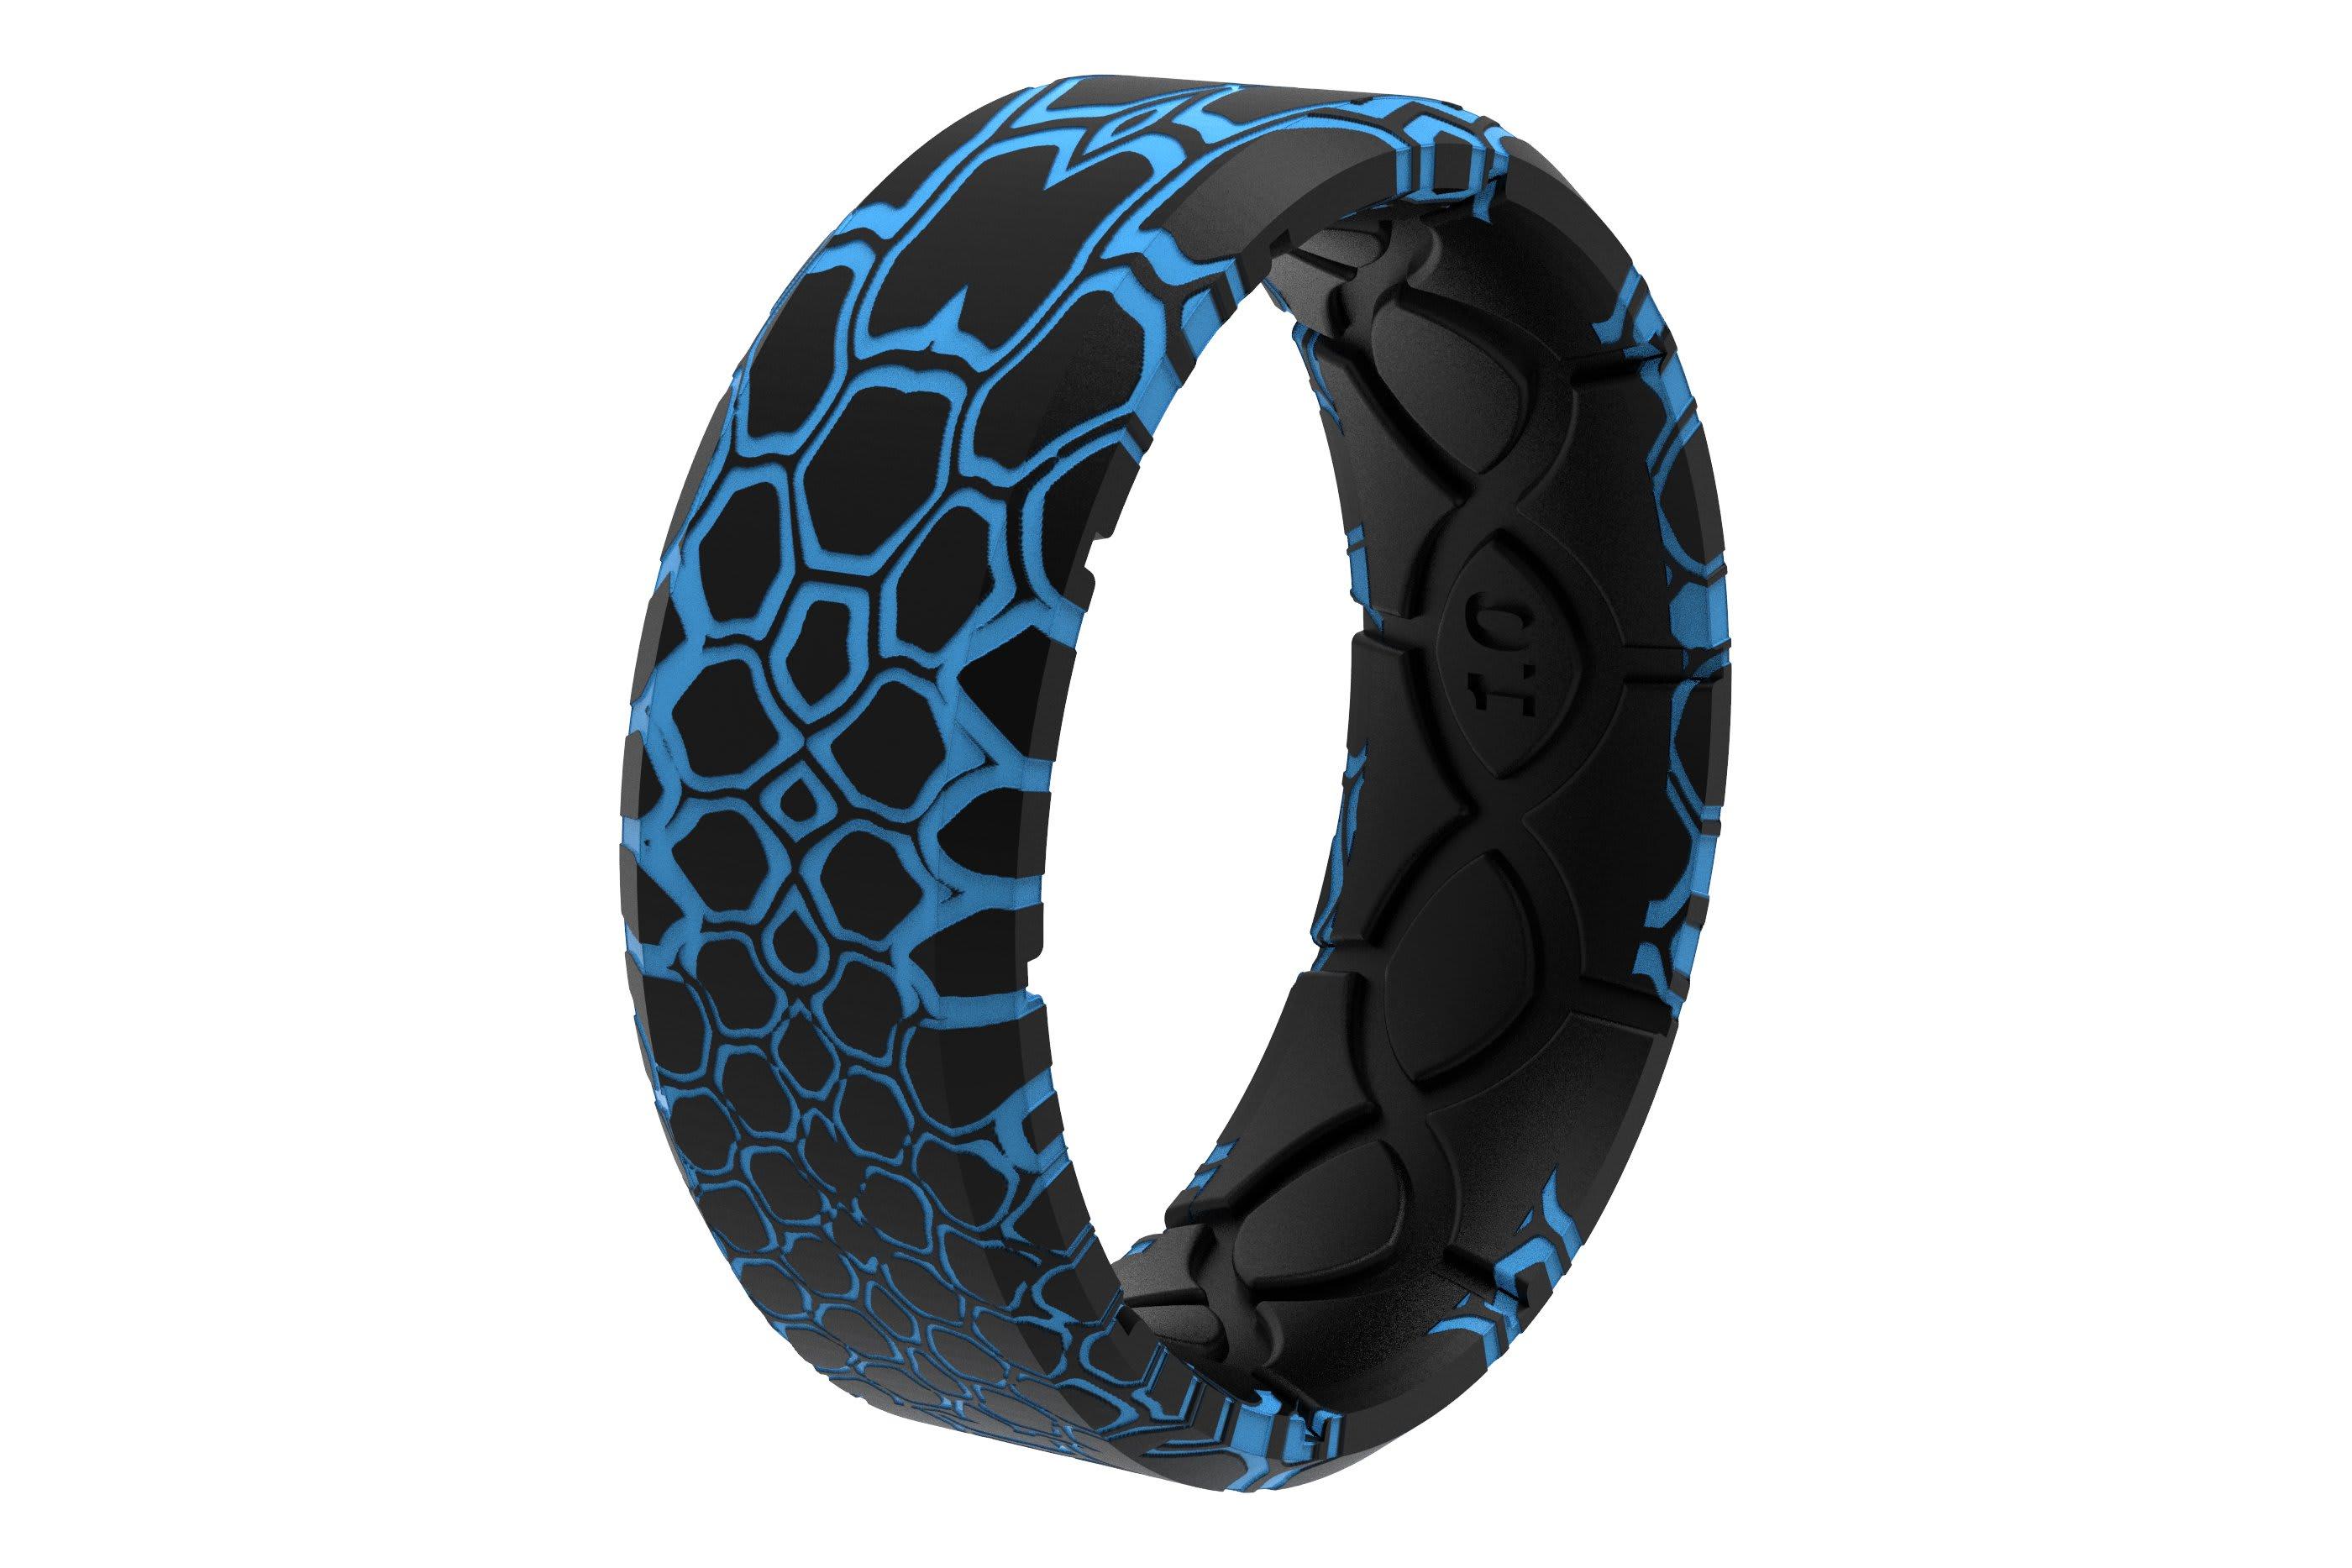 Kryptek Pontus 3D Camo Ring viewed on its side